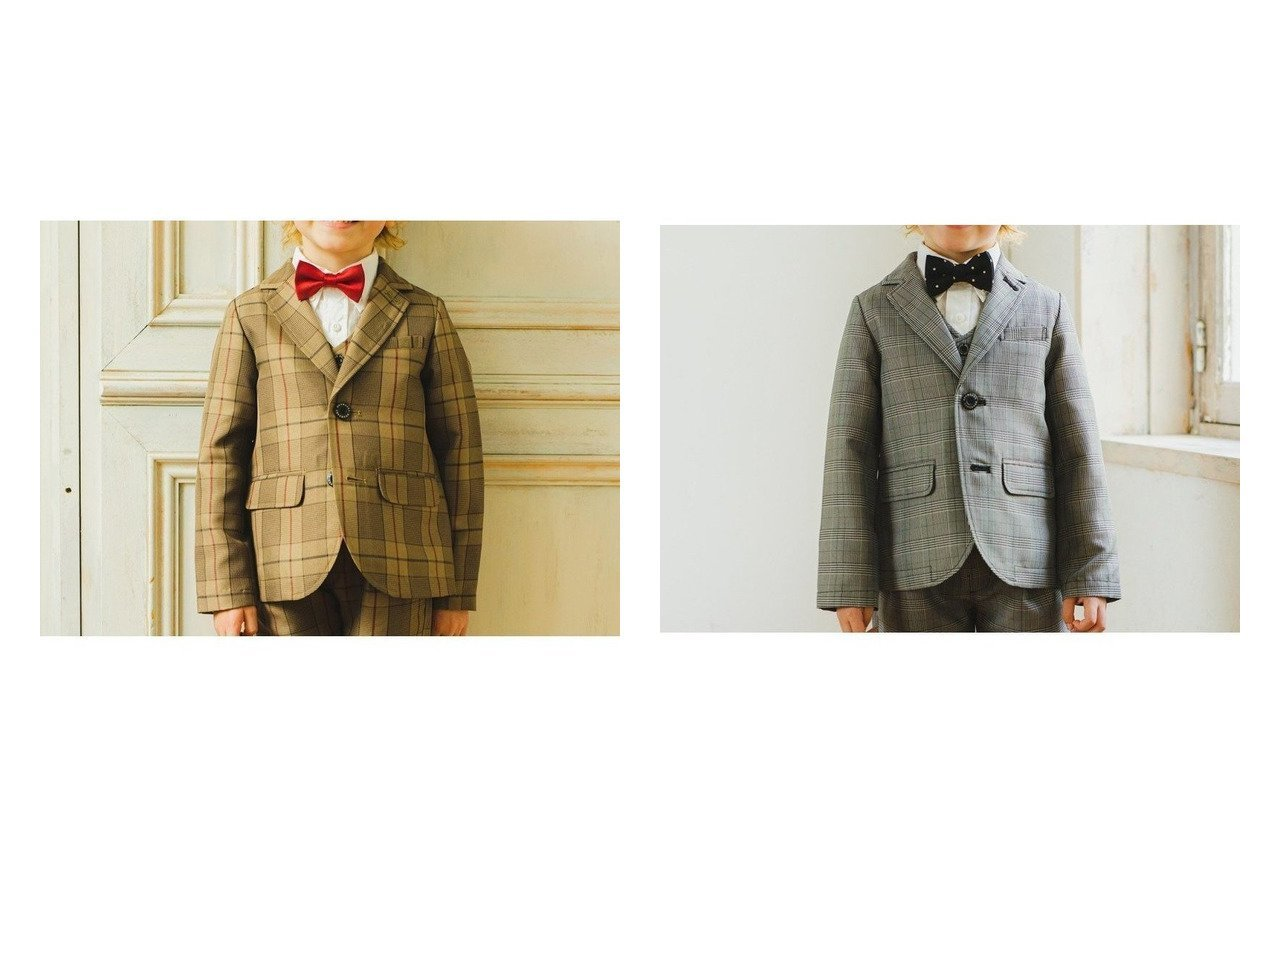 【branshes / KIDS/ブランシェス】の【キメ服】サージ/チェックジャケット KIDS】子供服のおすすめ!人気トレンド・キッズファッションの通販 おすすめで人気の流行・トレンド、ファッションの通販商品 メンズファッション・キッズファッション・インテリア・家具・レディースファッション・服の通販 founy(ファニー) https://founy.com/ ファッション Fashion キッズファッション KIDS アウター Coat Outerwear Kids ジャケット セットアップ ダウン チェック ベスト 再入荷 Restock/Back in Stock/Re Arrival |ID:crp329100000018369